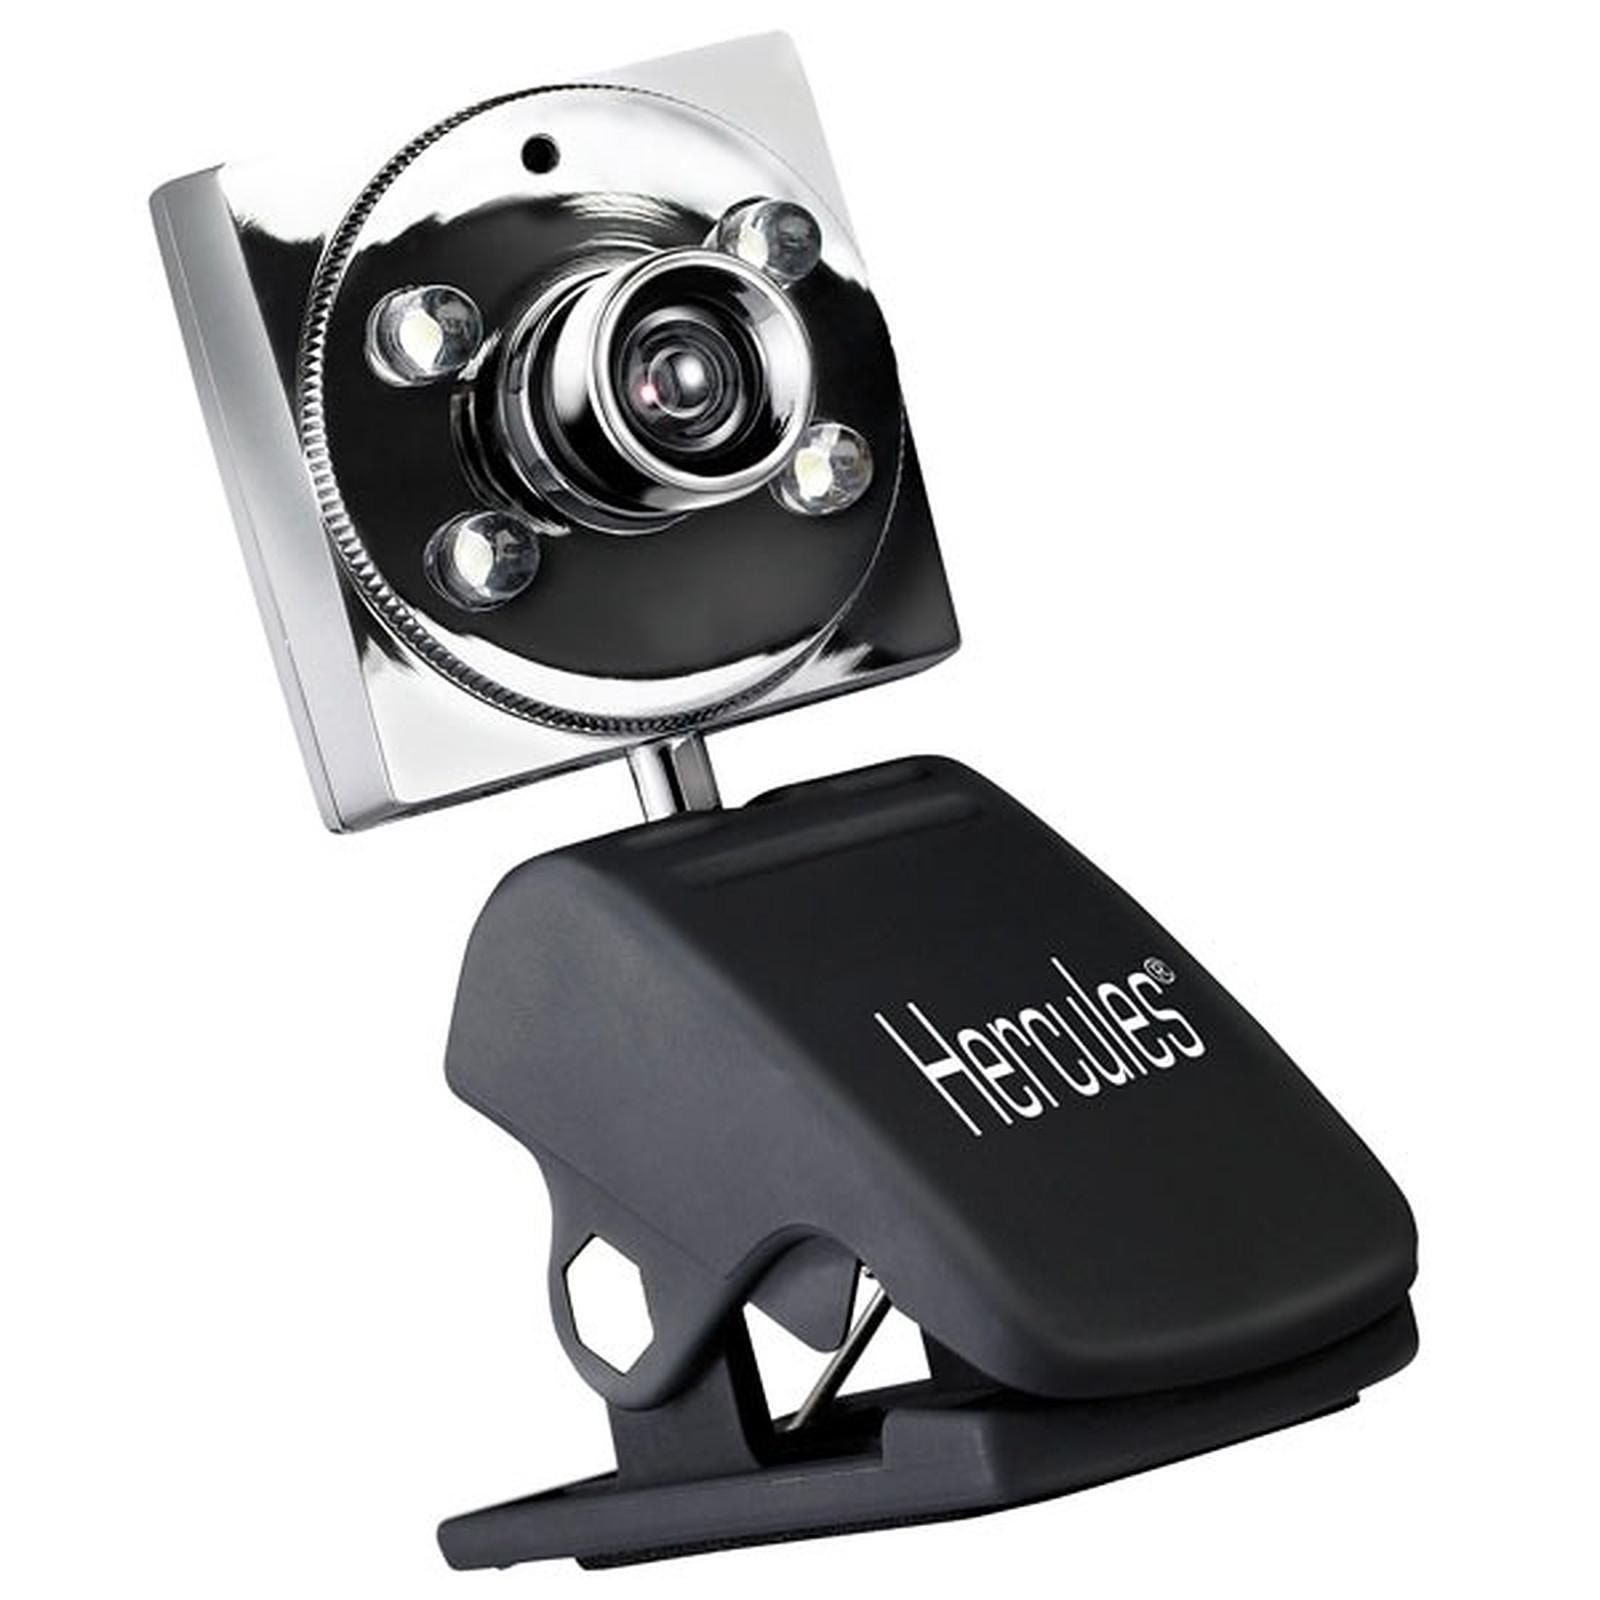 Hercules Webcam Deluxe Optical Glass